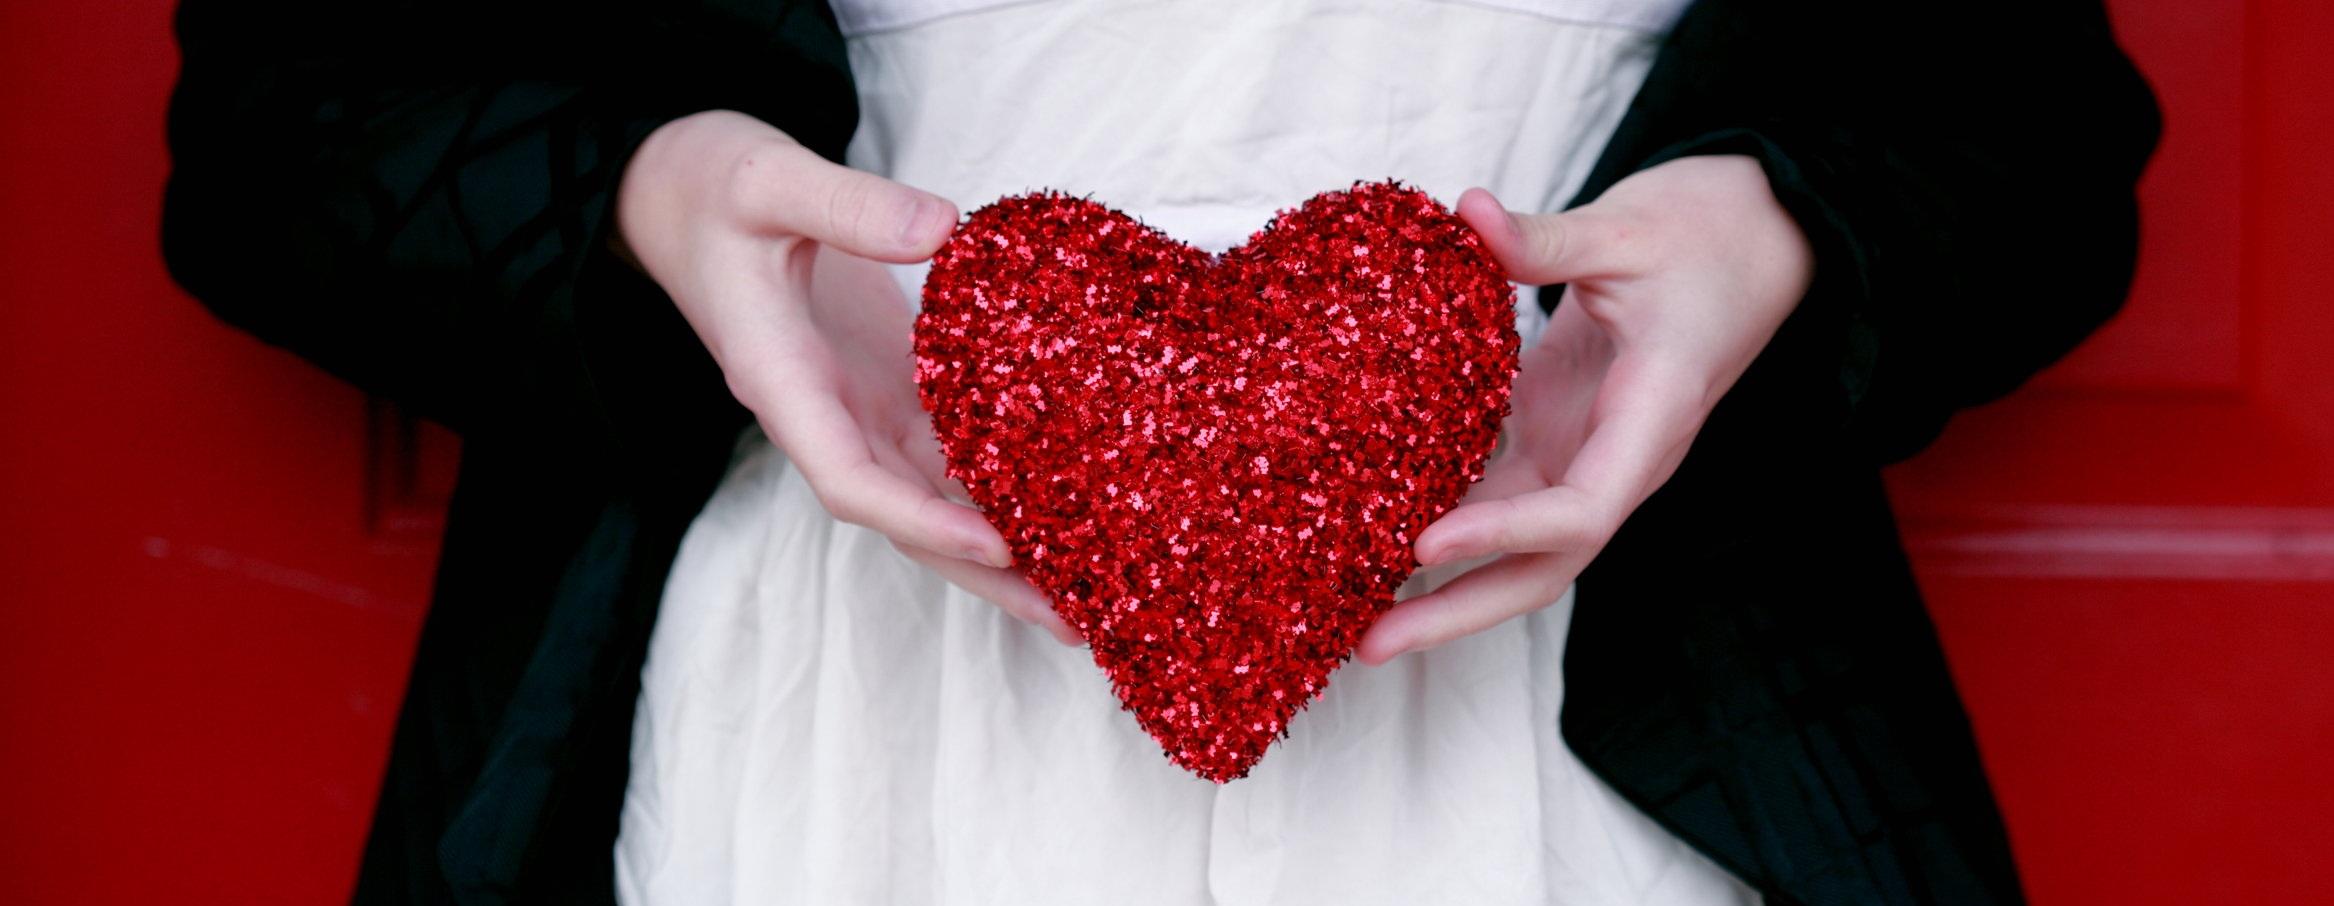 holdingheart.jpg